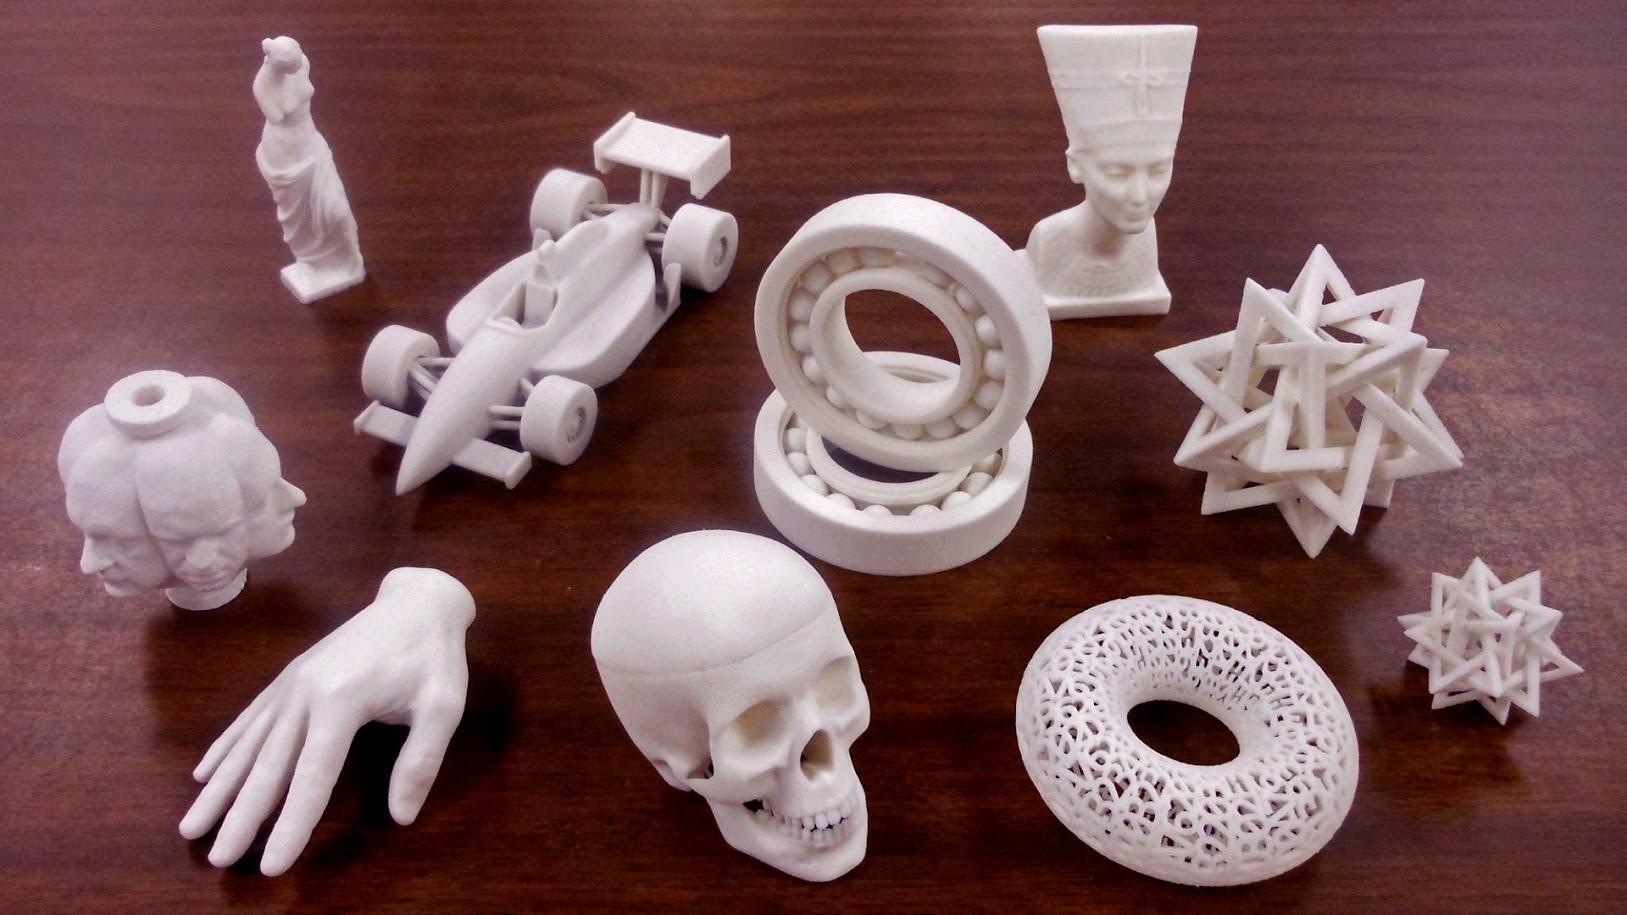 Обзор лучших ресурсов с бесплатными 3D-моделями для печати